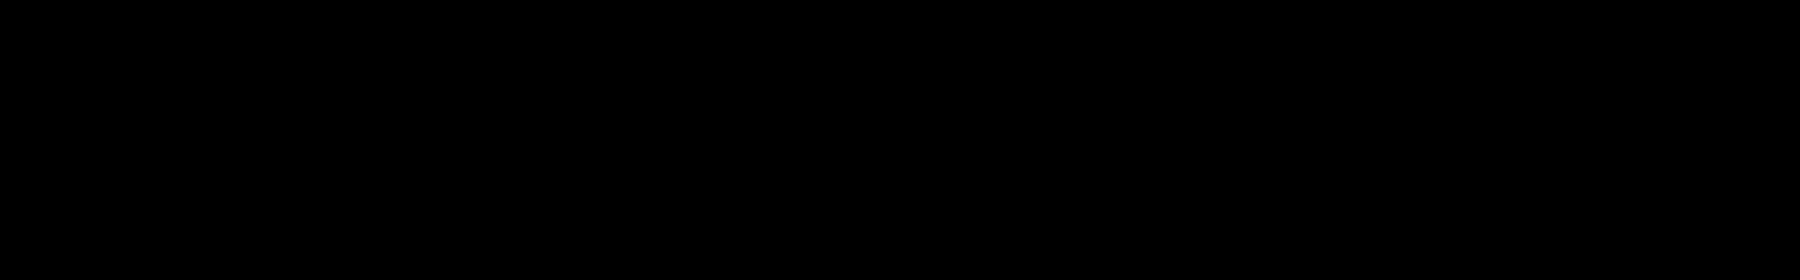 Darkstep Bass audio waveform